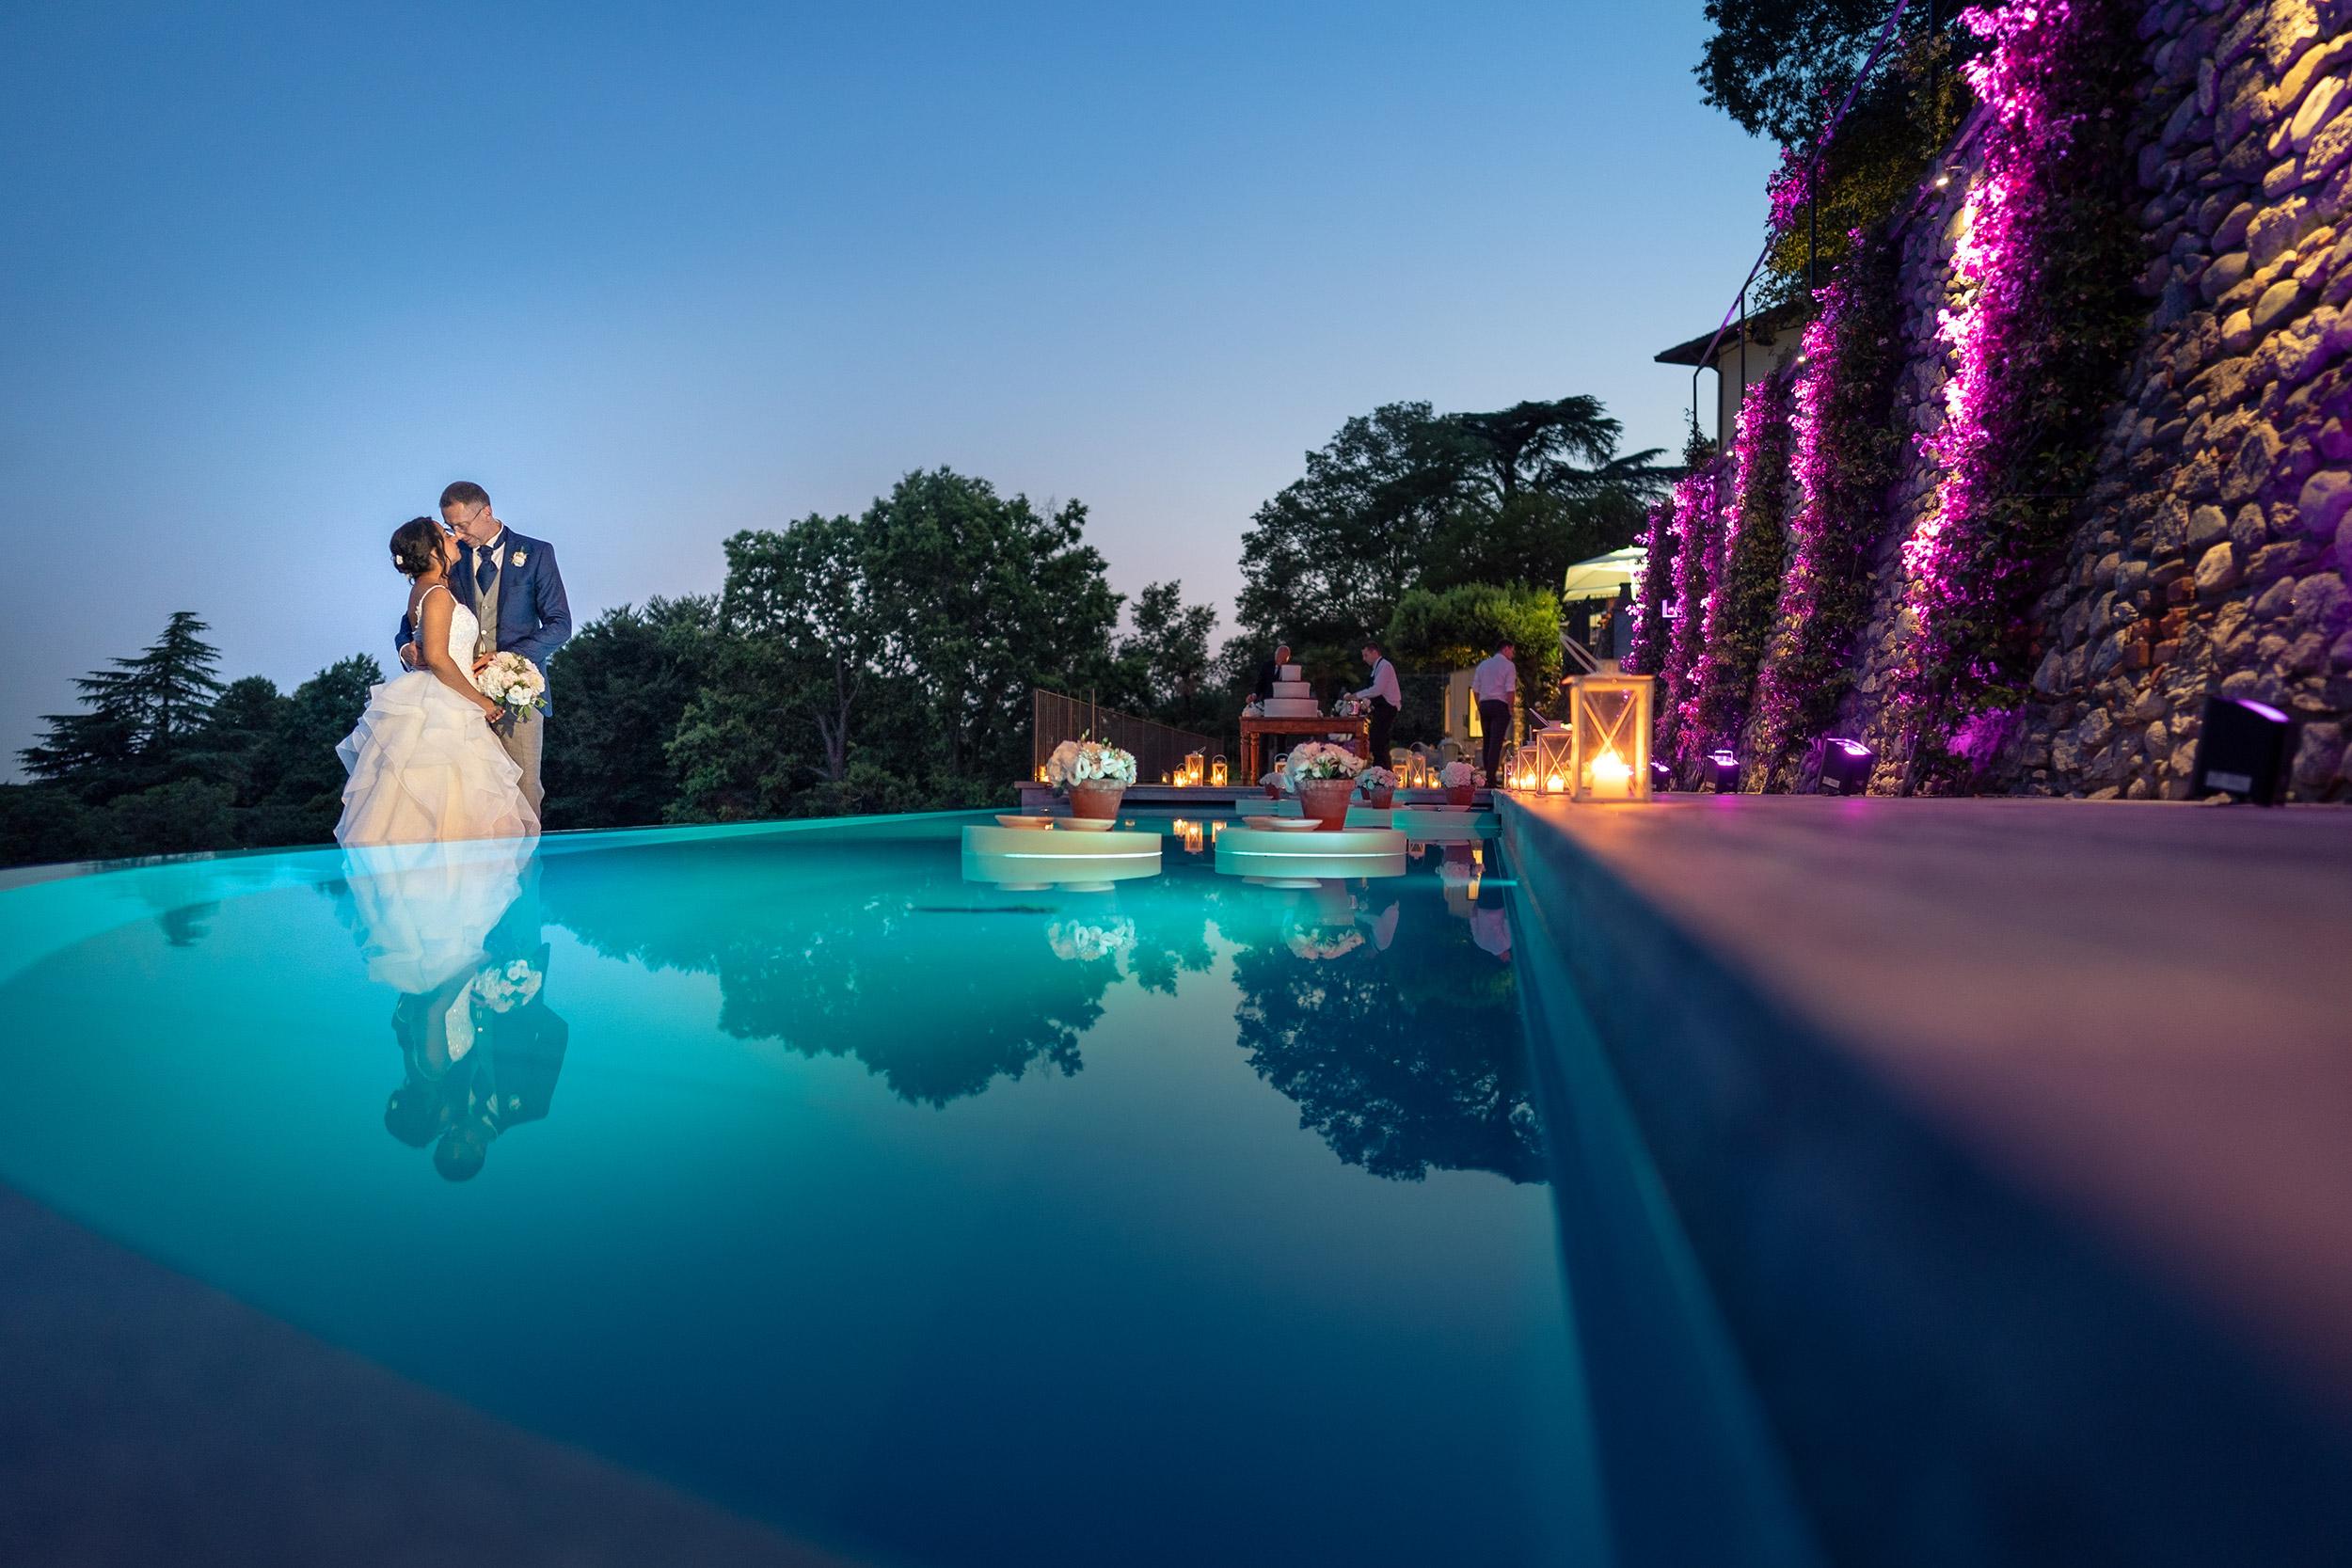 050 reportage wedding sposi foto matrimonio villa calchi calco lecco 1